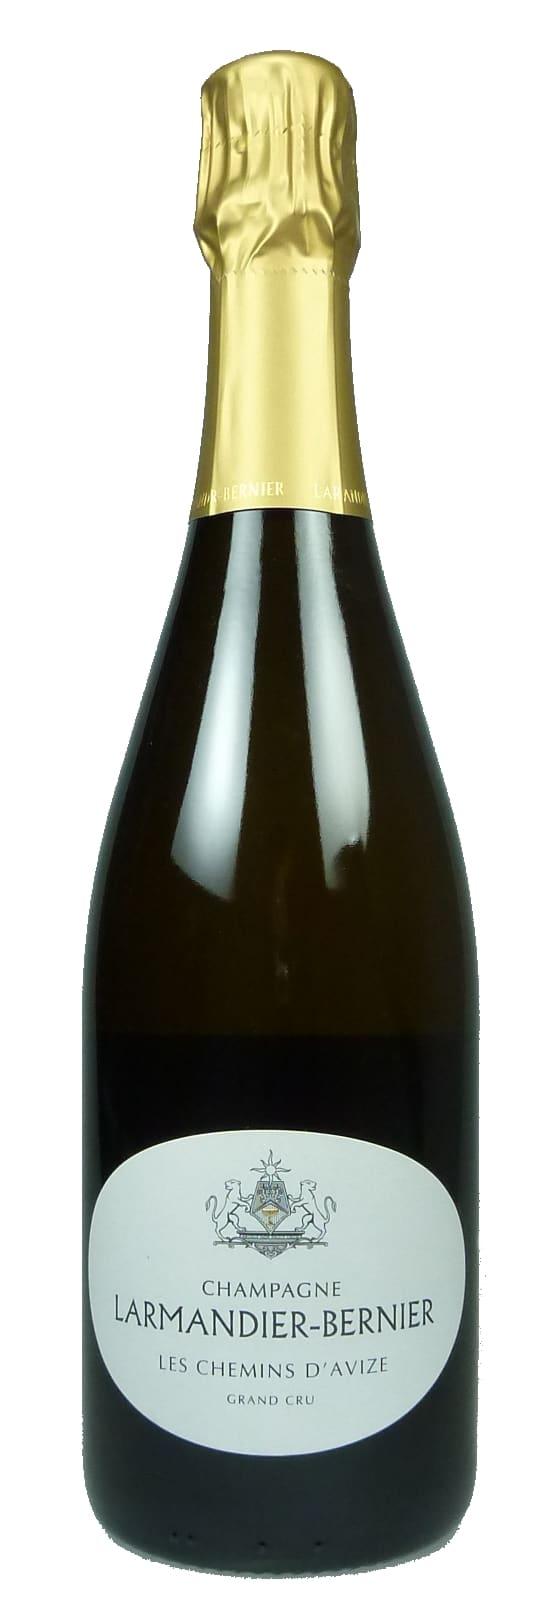 Champagne Les Chemins d'Avize Grand Cru  Blanc de Blancs Extra Brut 2012